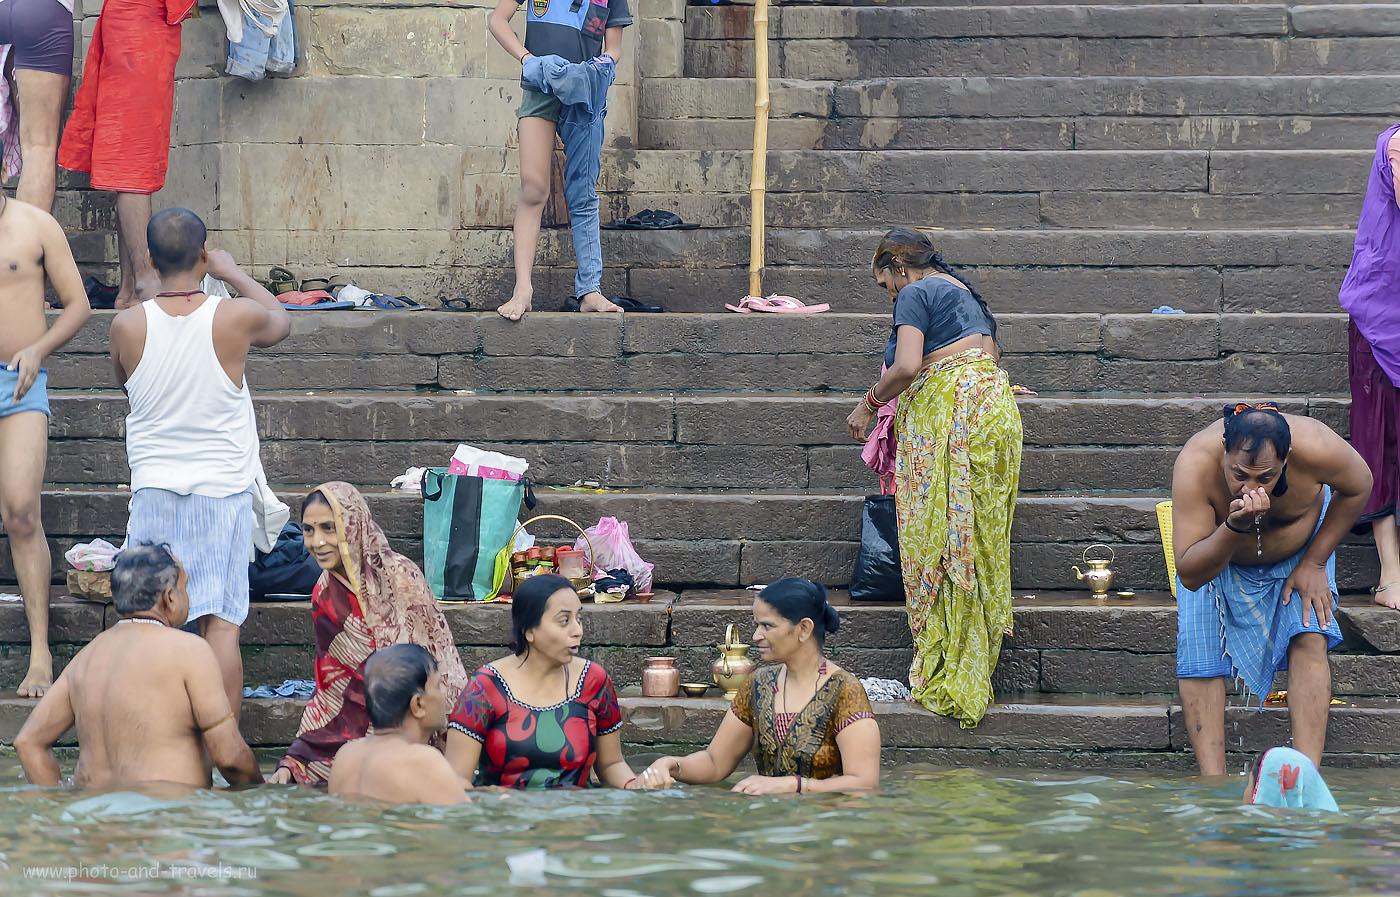 Фото 18. Вода в Ганге, по уверению верующих, лечит от всех болезней. И неважно, что в 100 метрах сжигают покойников, а остатки сбрасывают в реку… Фотоаппарат Nikon D610, объектив Nikon 70-300. Настройки камеры: 1/125, 5.3, 1250, 200.